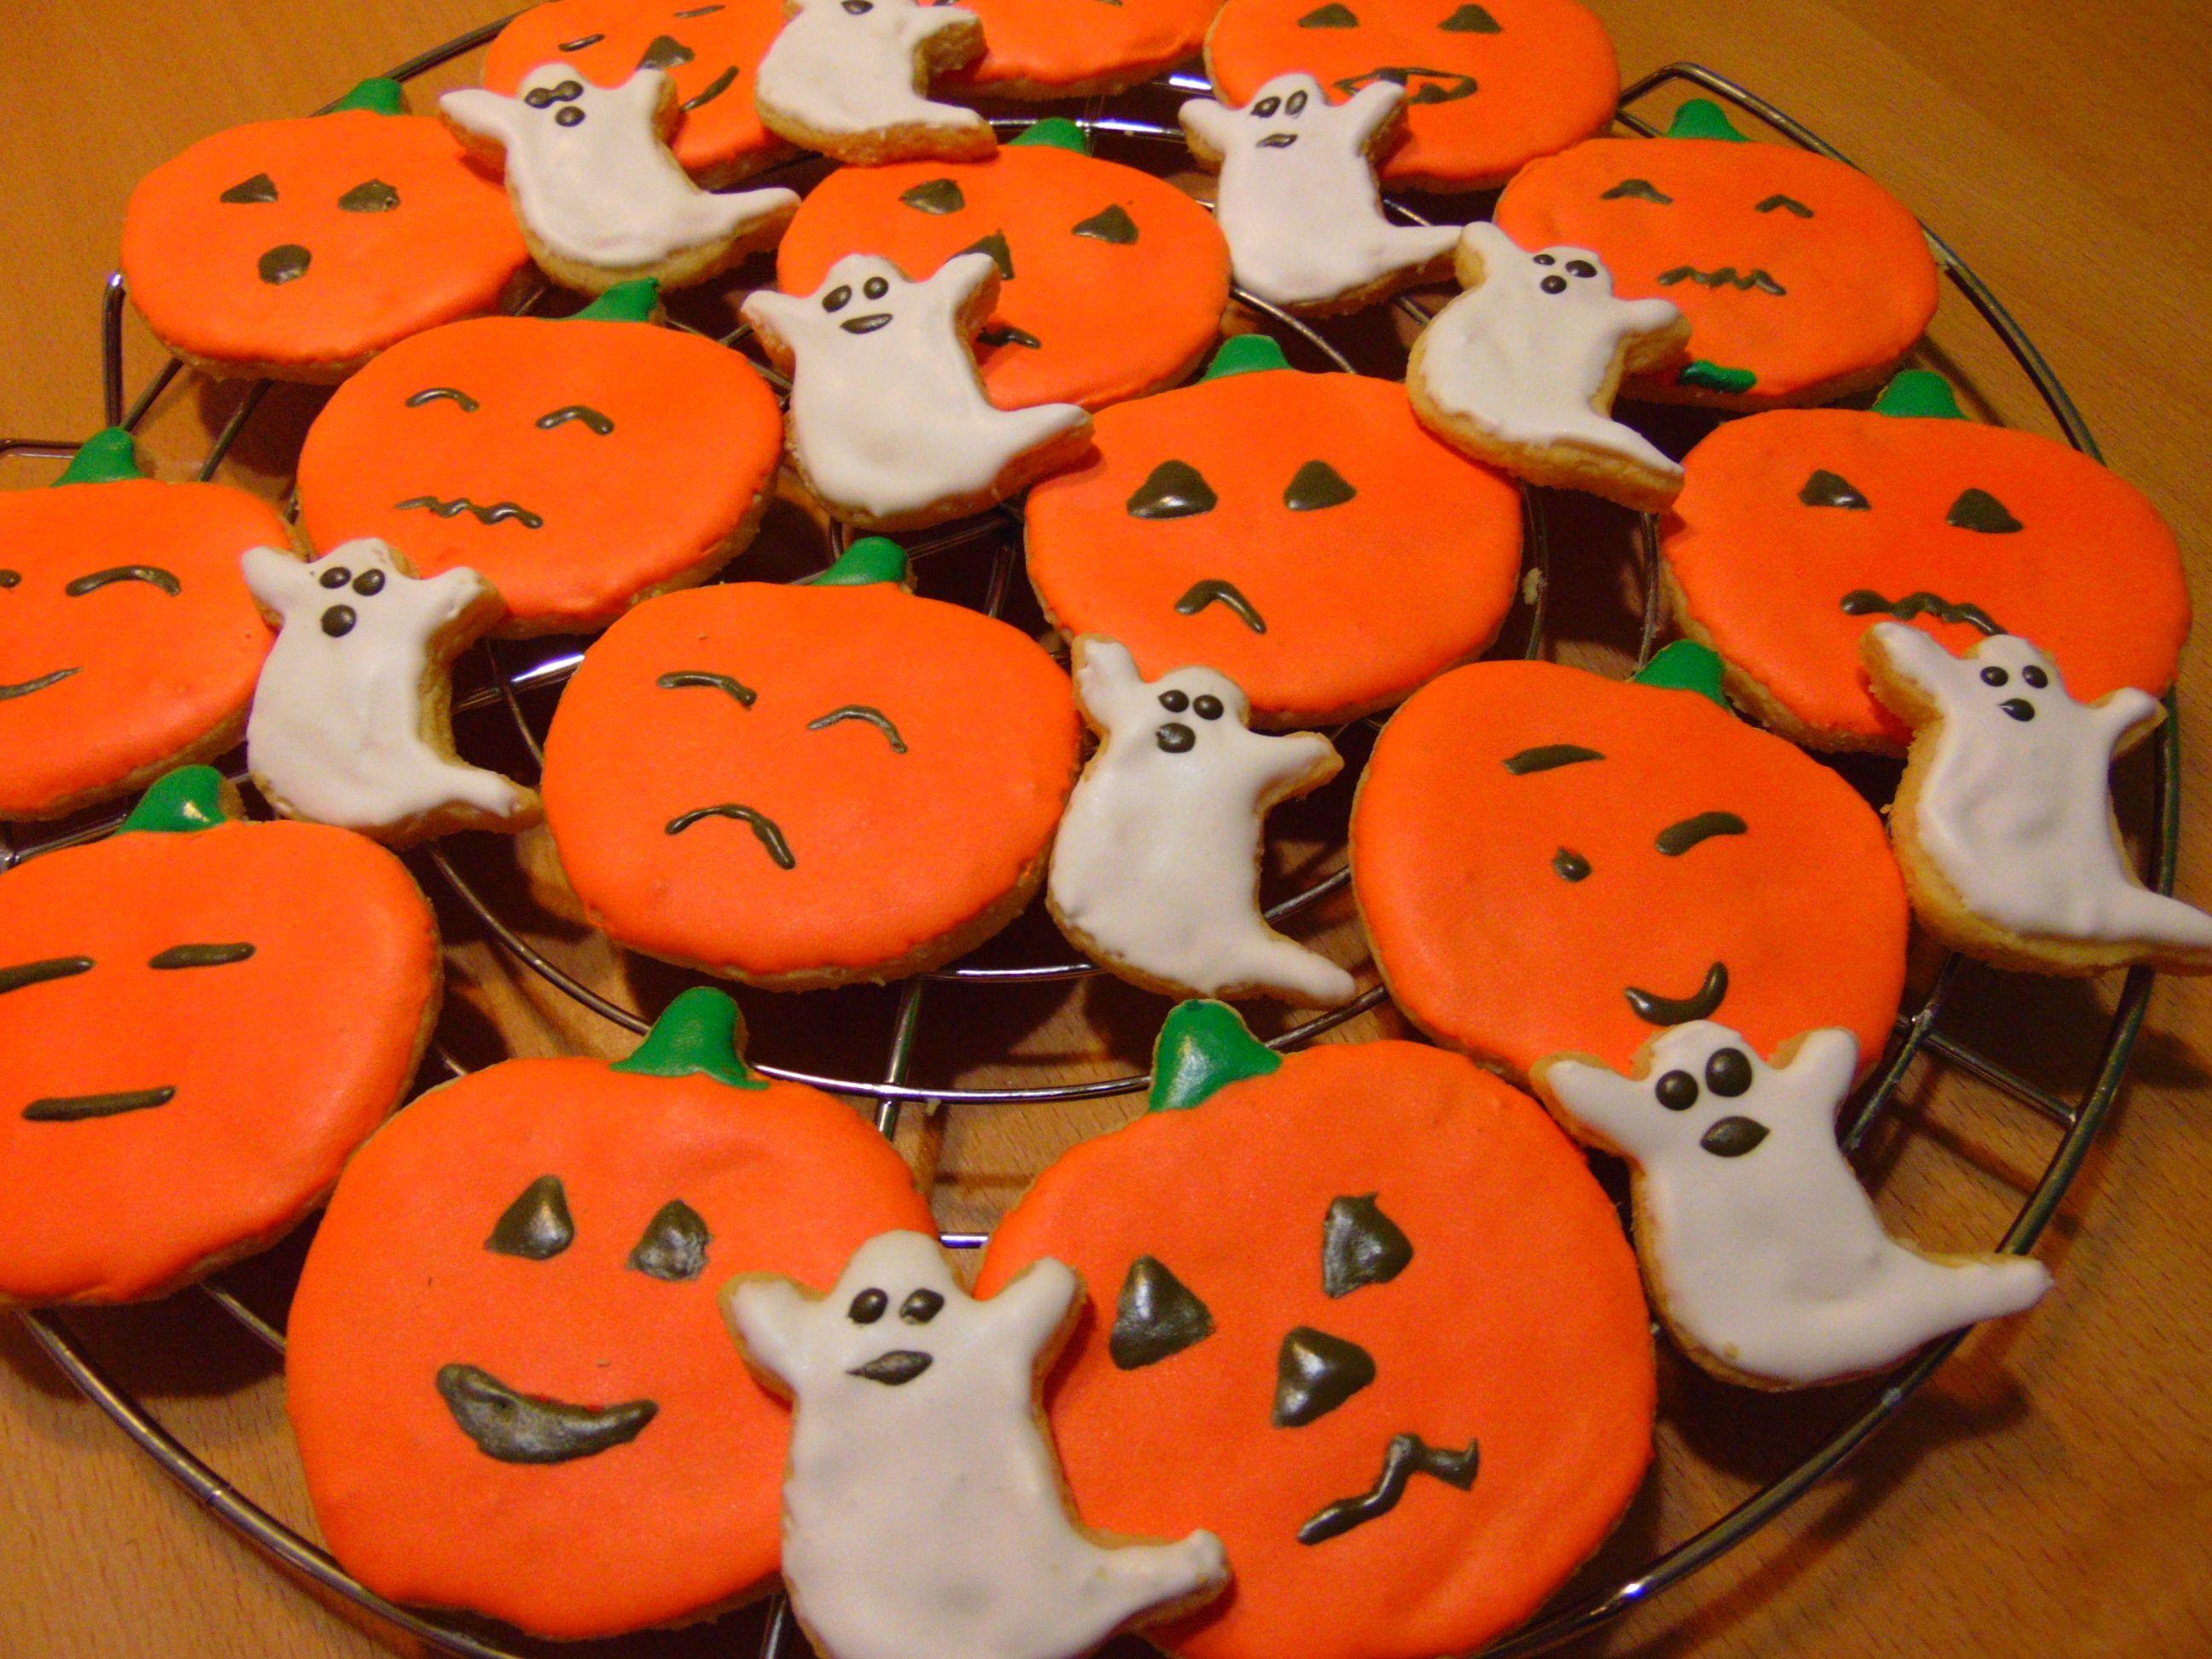 Halloween is near! http://glutenfreelife.jimdo.com/rezepte/plätzchen ...